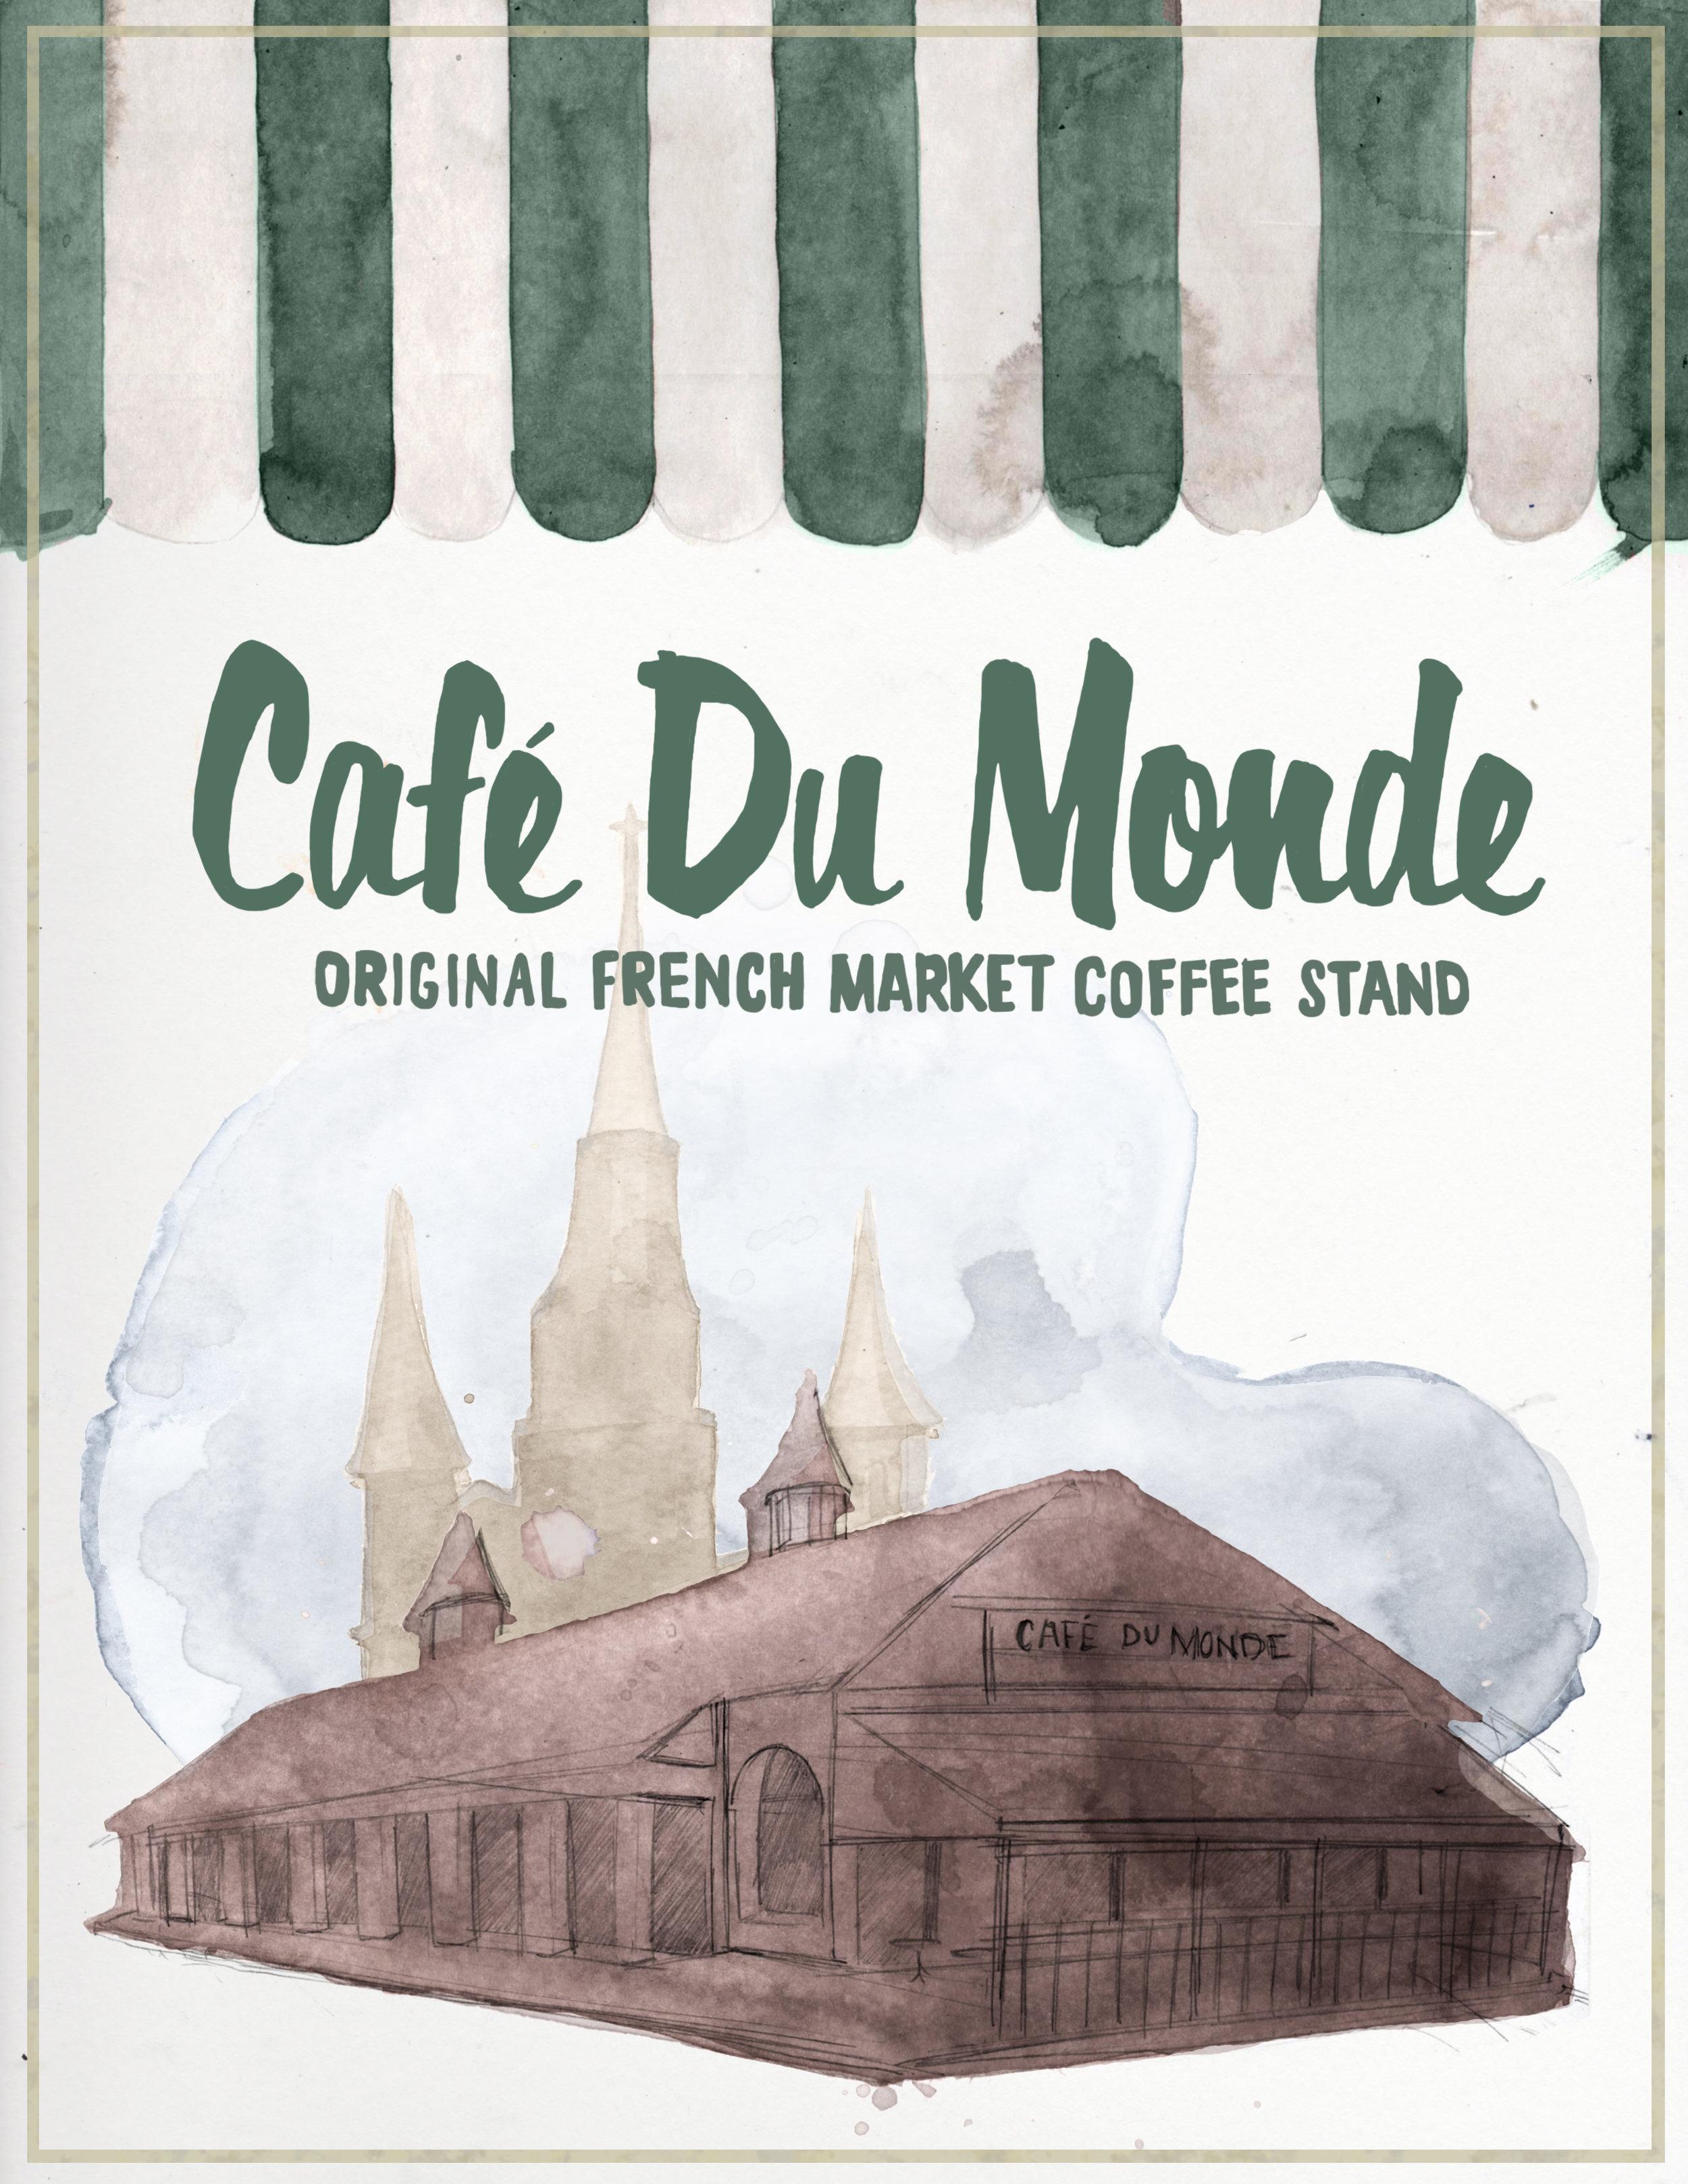 CafeDuMonde.jpg